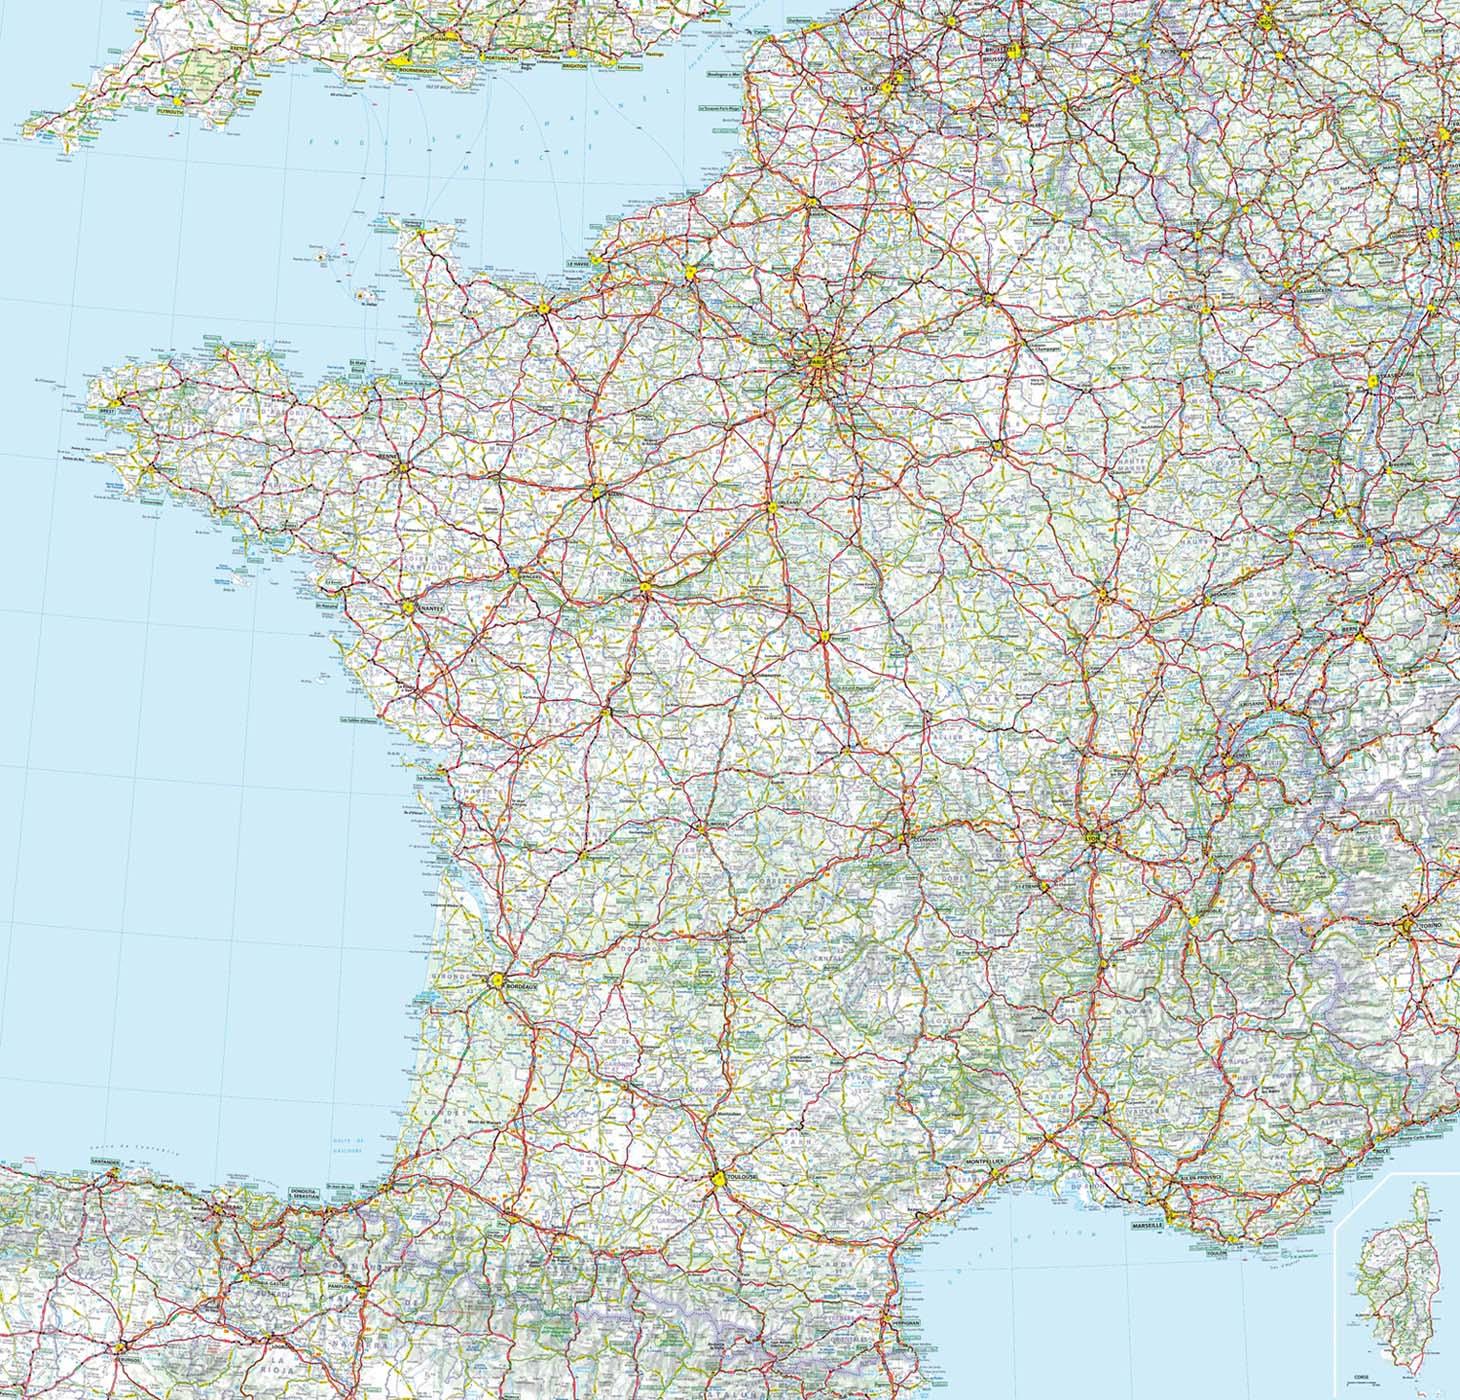 Modèle Carte De Visite Infirmière Libérale Ex De Carte De tout Carte De France Detaillée Gratuite